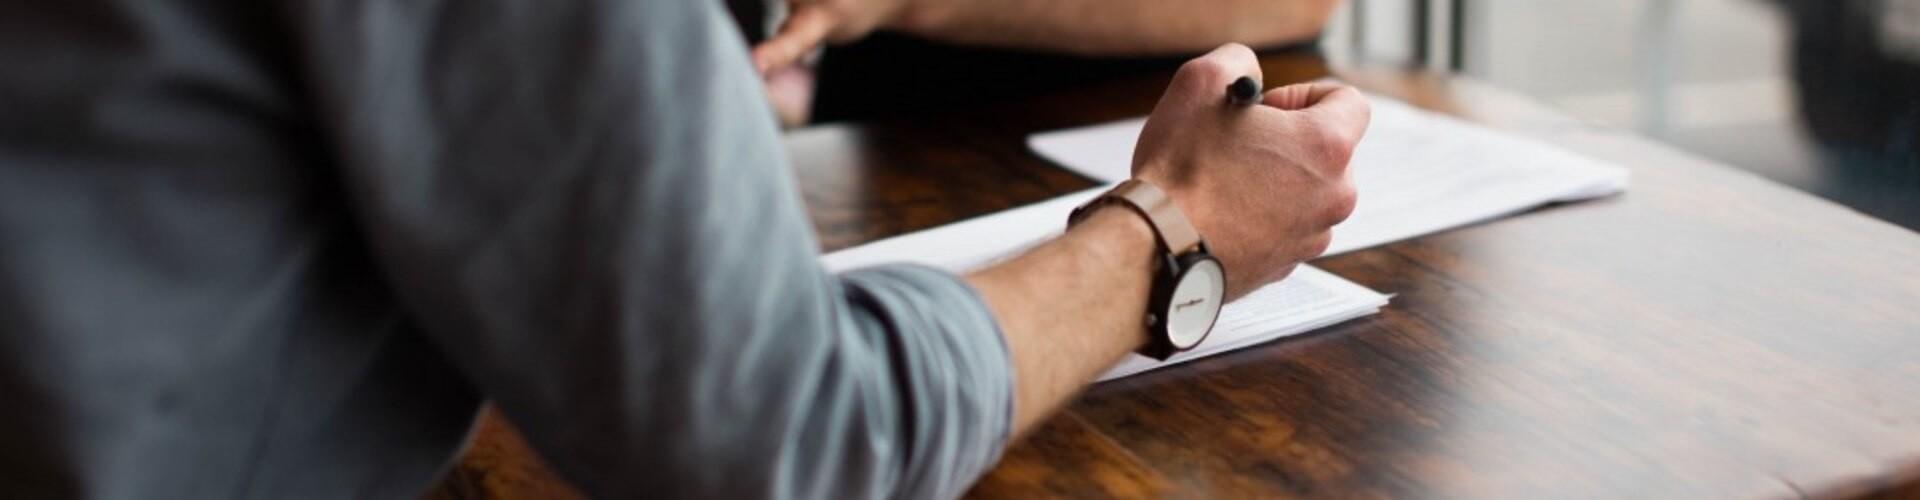 Jak znaleźć pracę? 17 porad dla osób, które nie mogą znaleźć pracy